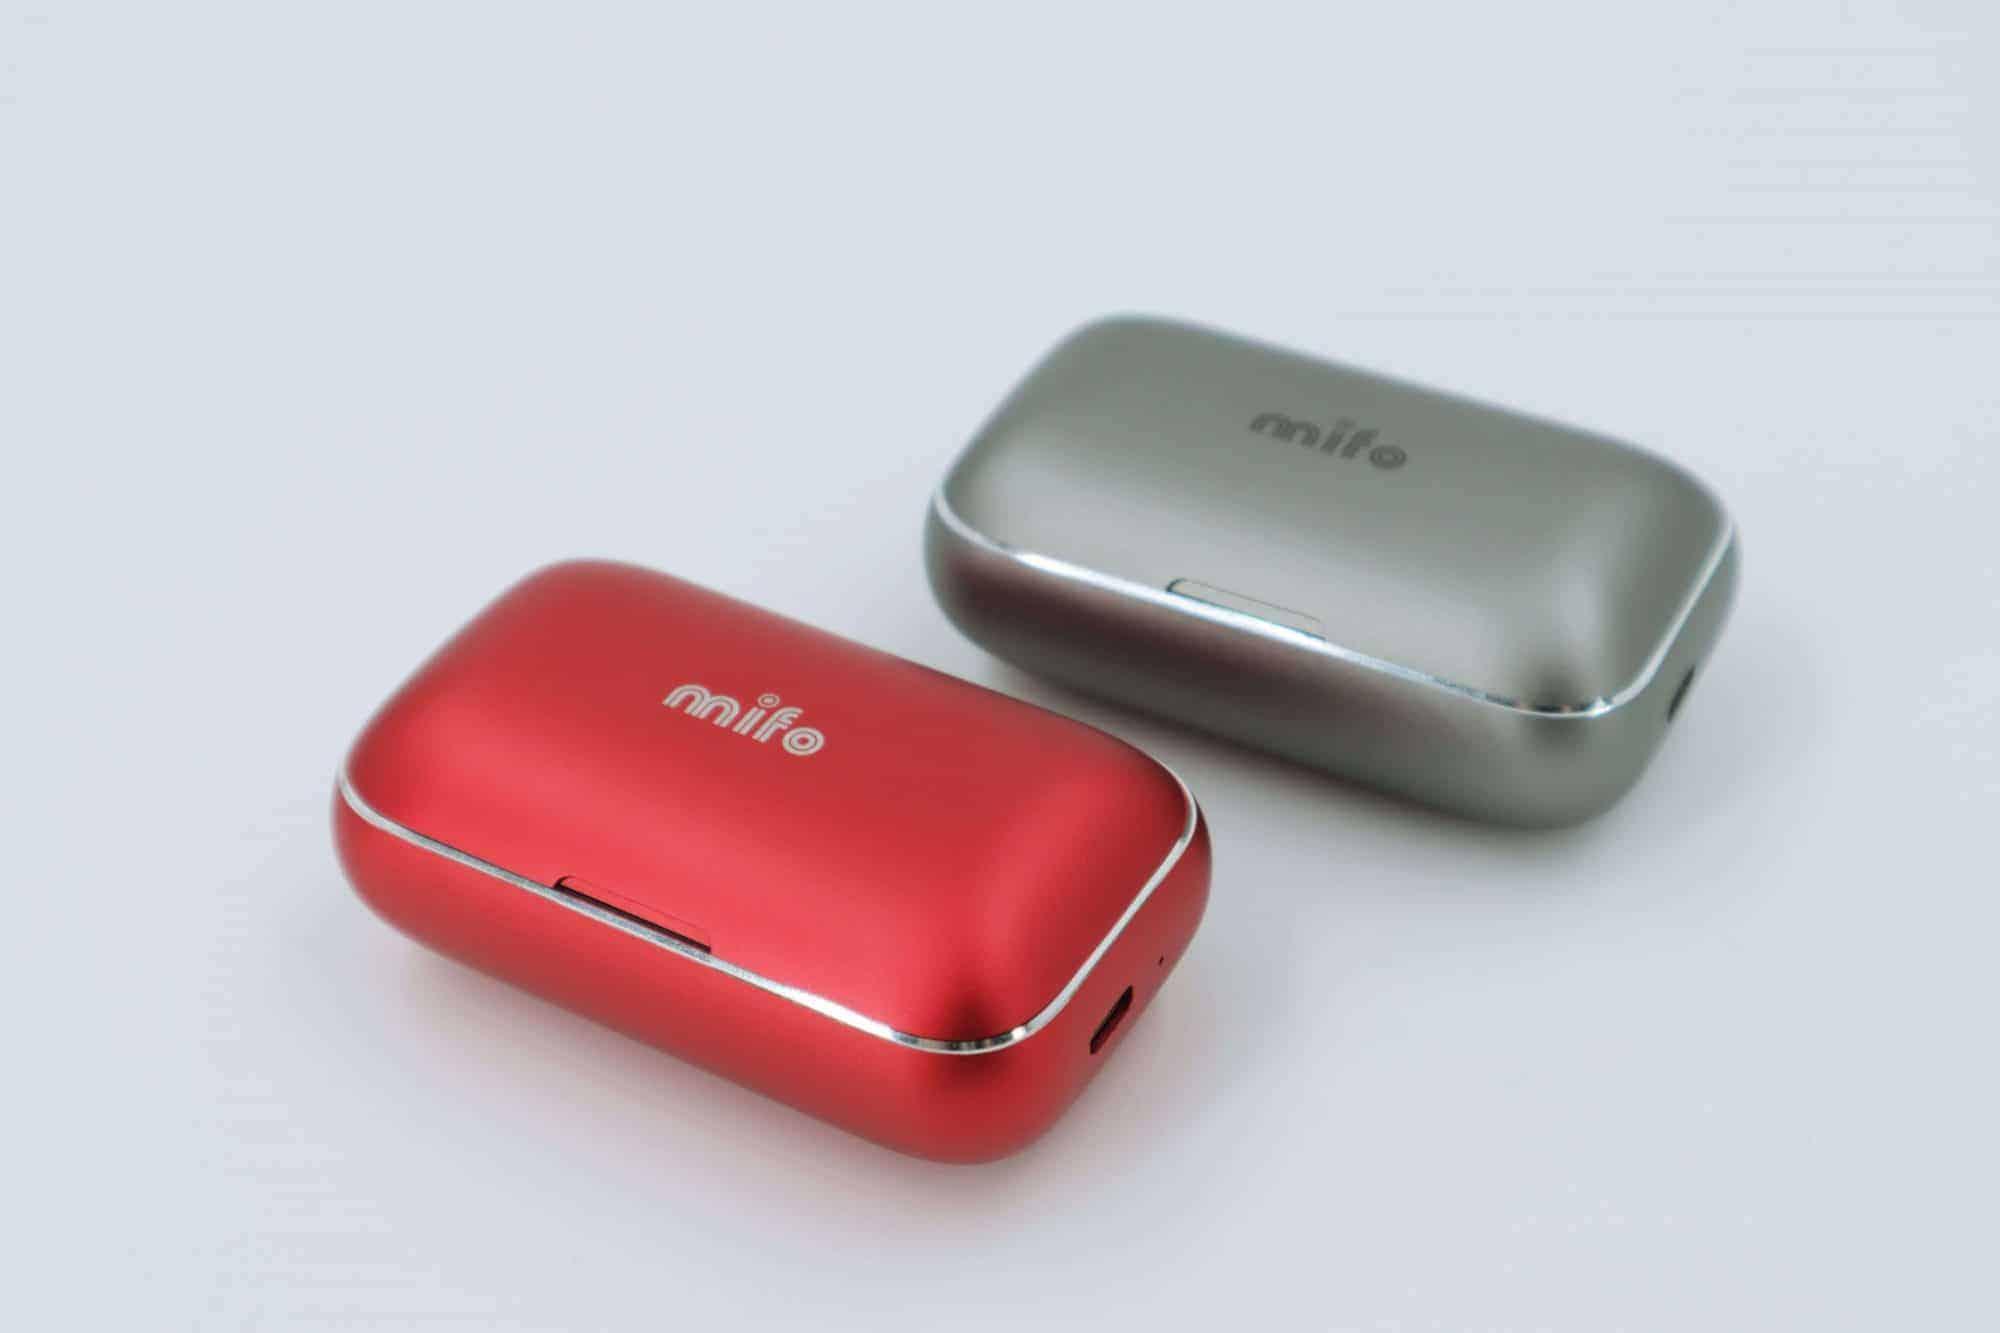 殺手級真無線耳機推薦!強悍重低音還是細膩中高音?Mifo O5都給你!-TechTeller (科技說)